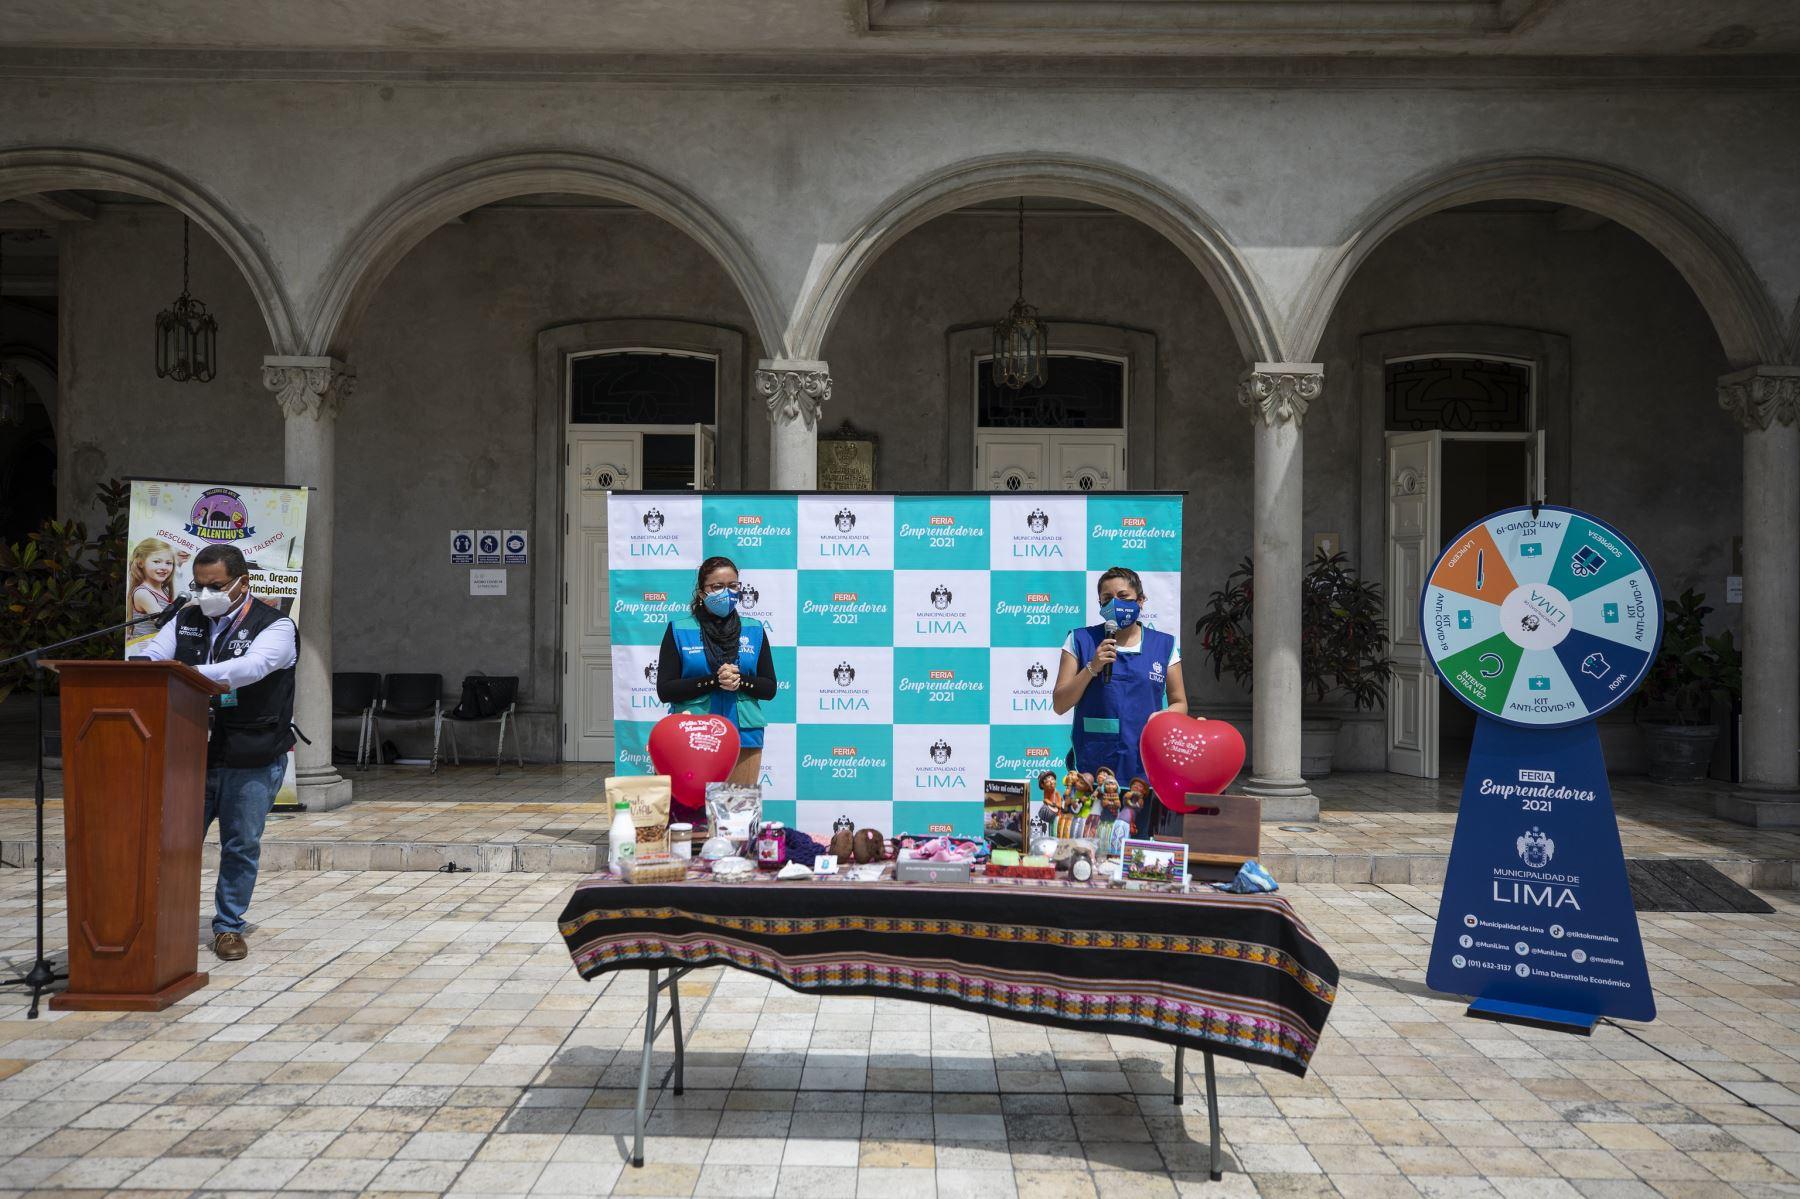 La Municipalidad de Lima  organizo la feria en apoyo a las madres emprendedoras de  productos, gastronómicos, textiles, artesanías y manualidades. en el Circuito Mágico del Agua del Parque de la Reserva. Foto: ANDINA// MLM